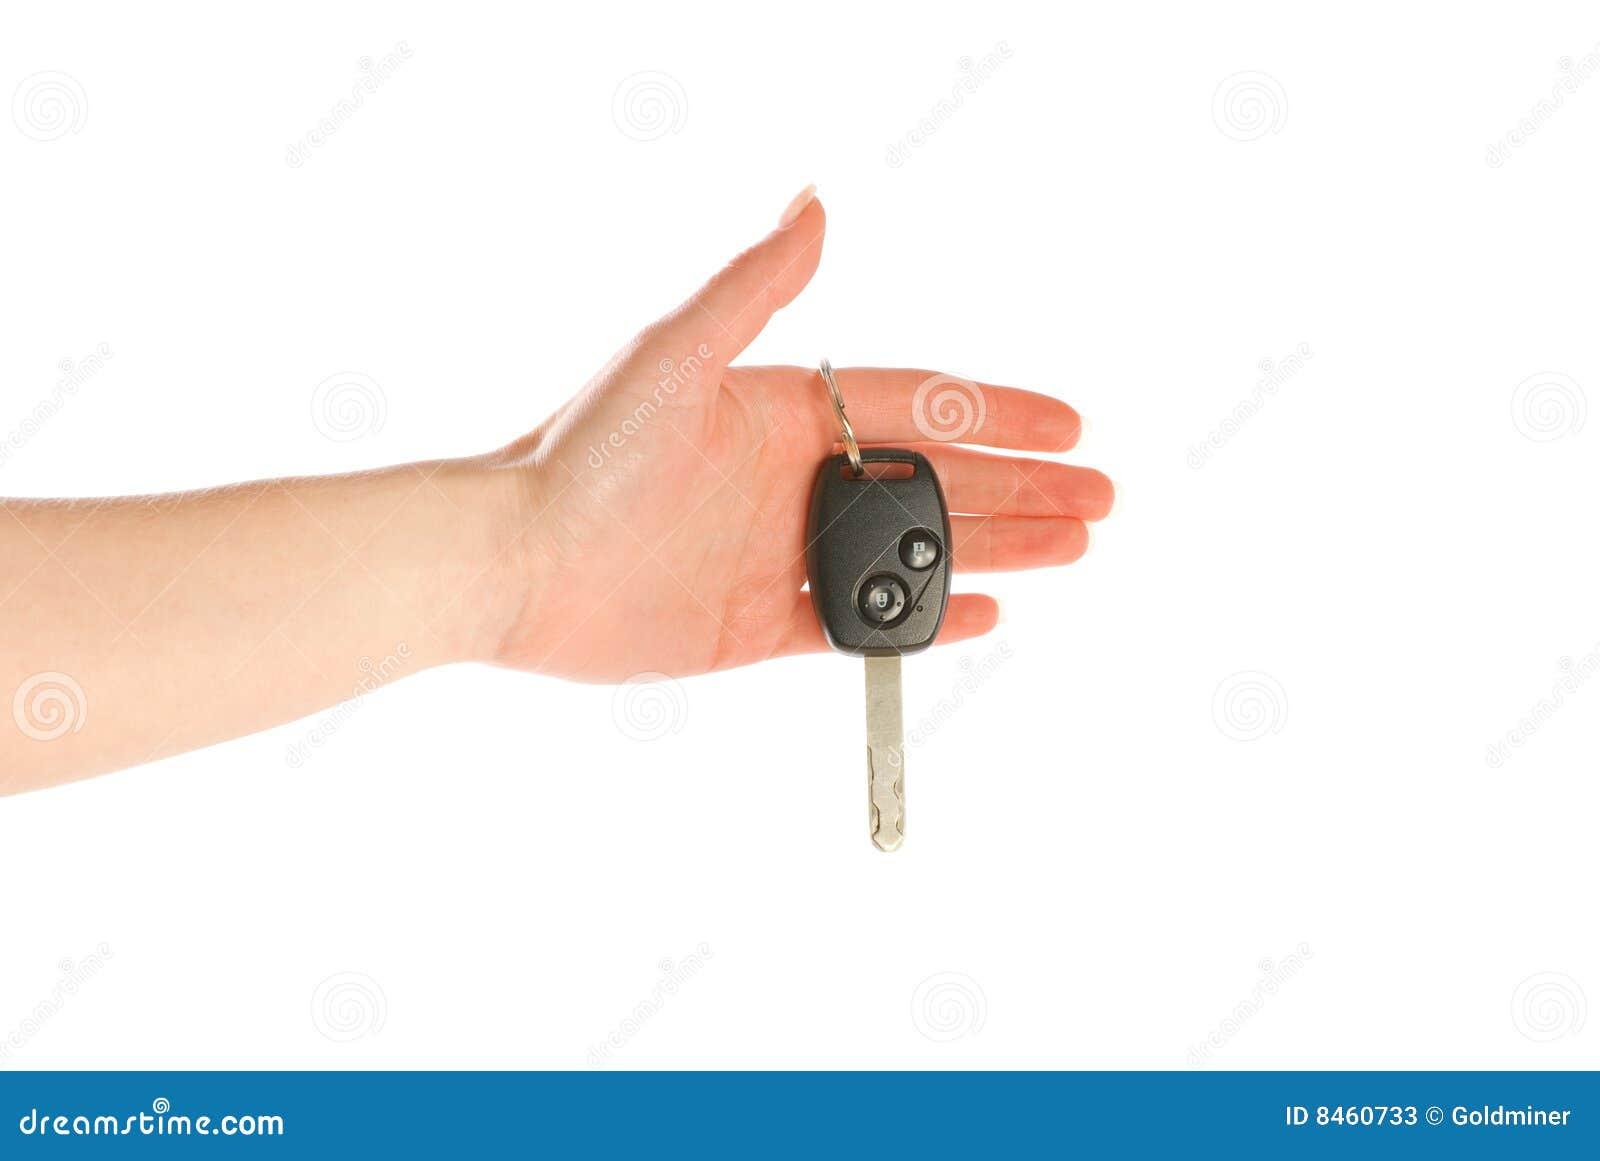 Ge hand isolerad key white